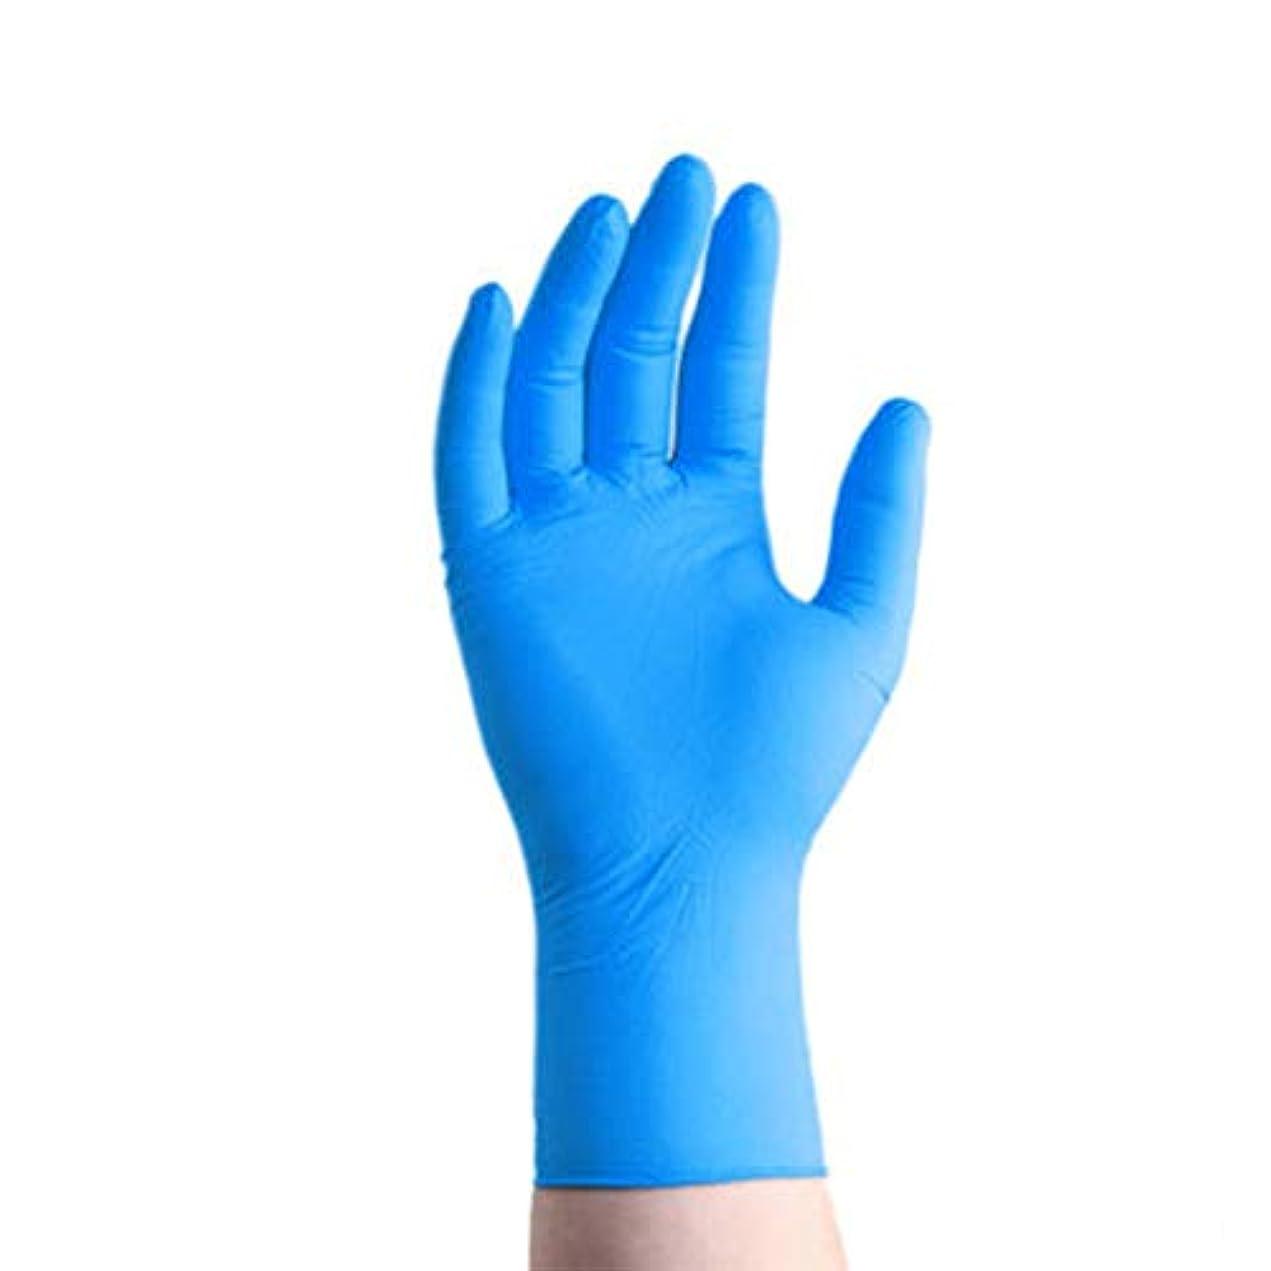 使い捨て手袋 ニトリル ゴムラテックス手袋 滑りにくい 超弾性 実用 衛生 多用途 100枚入 (L, ライトブルー)